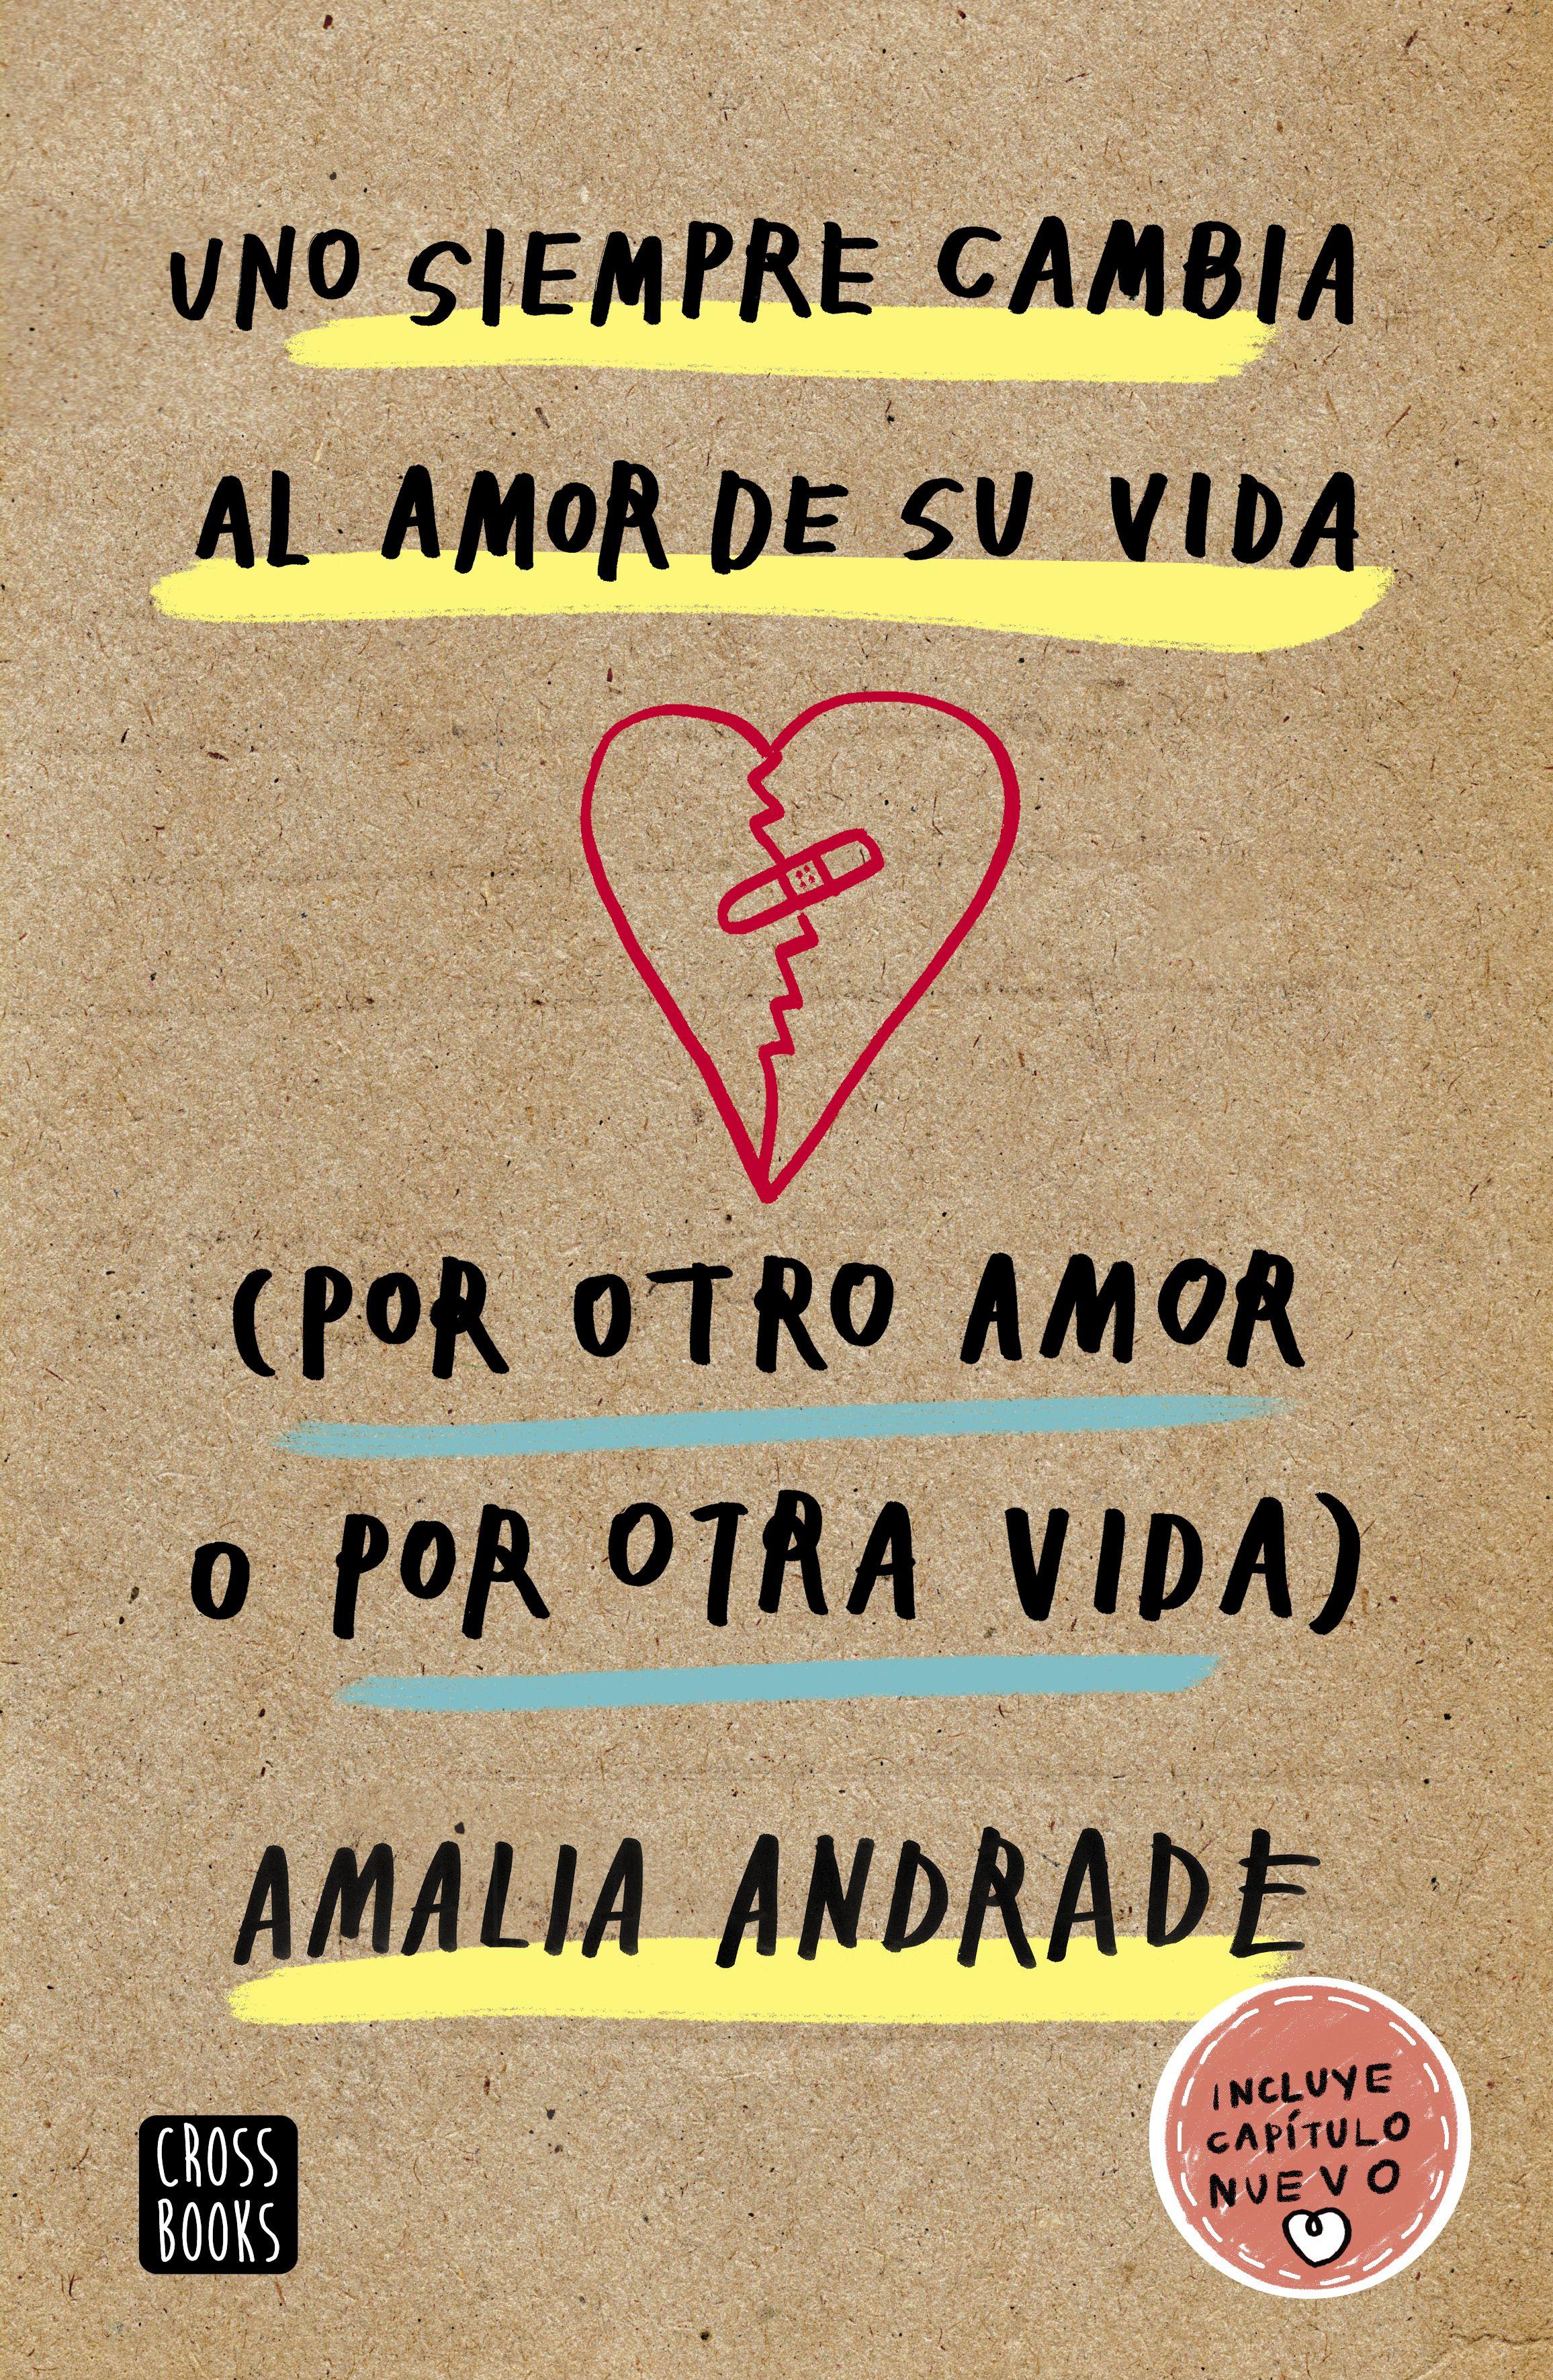 Uno siempre cambia al amor de su vida by Amalia Andrade